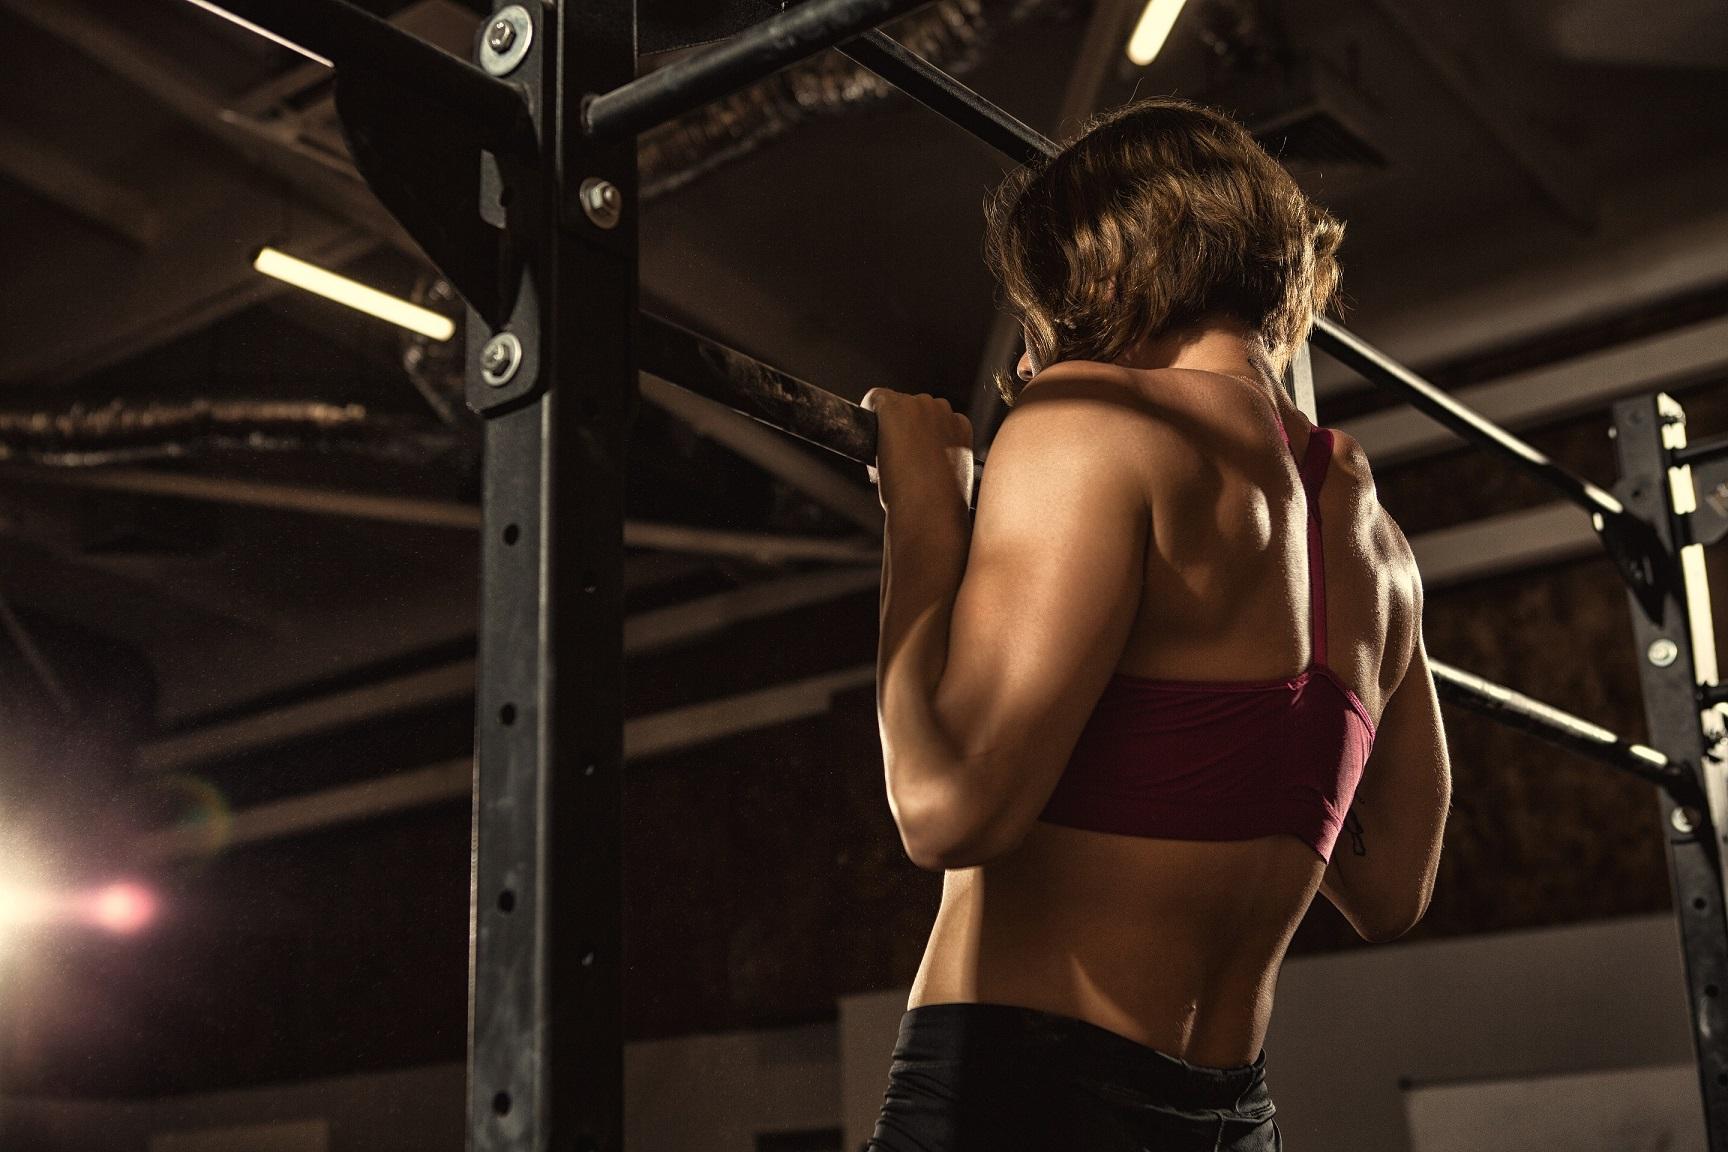 Lats training exercise